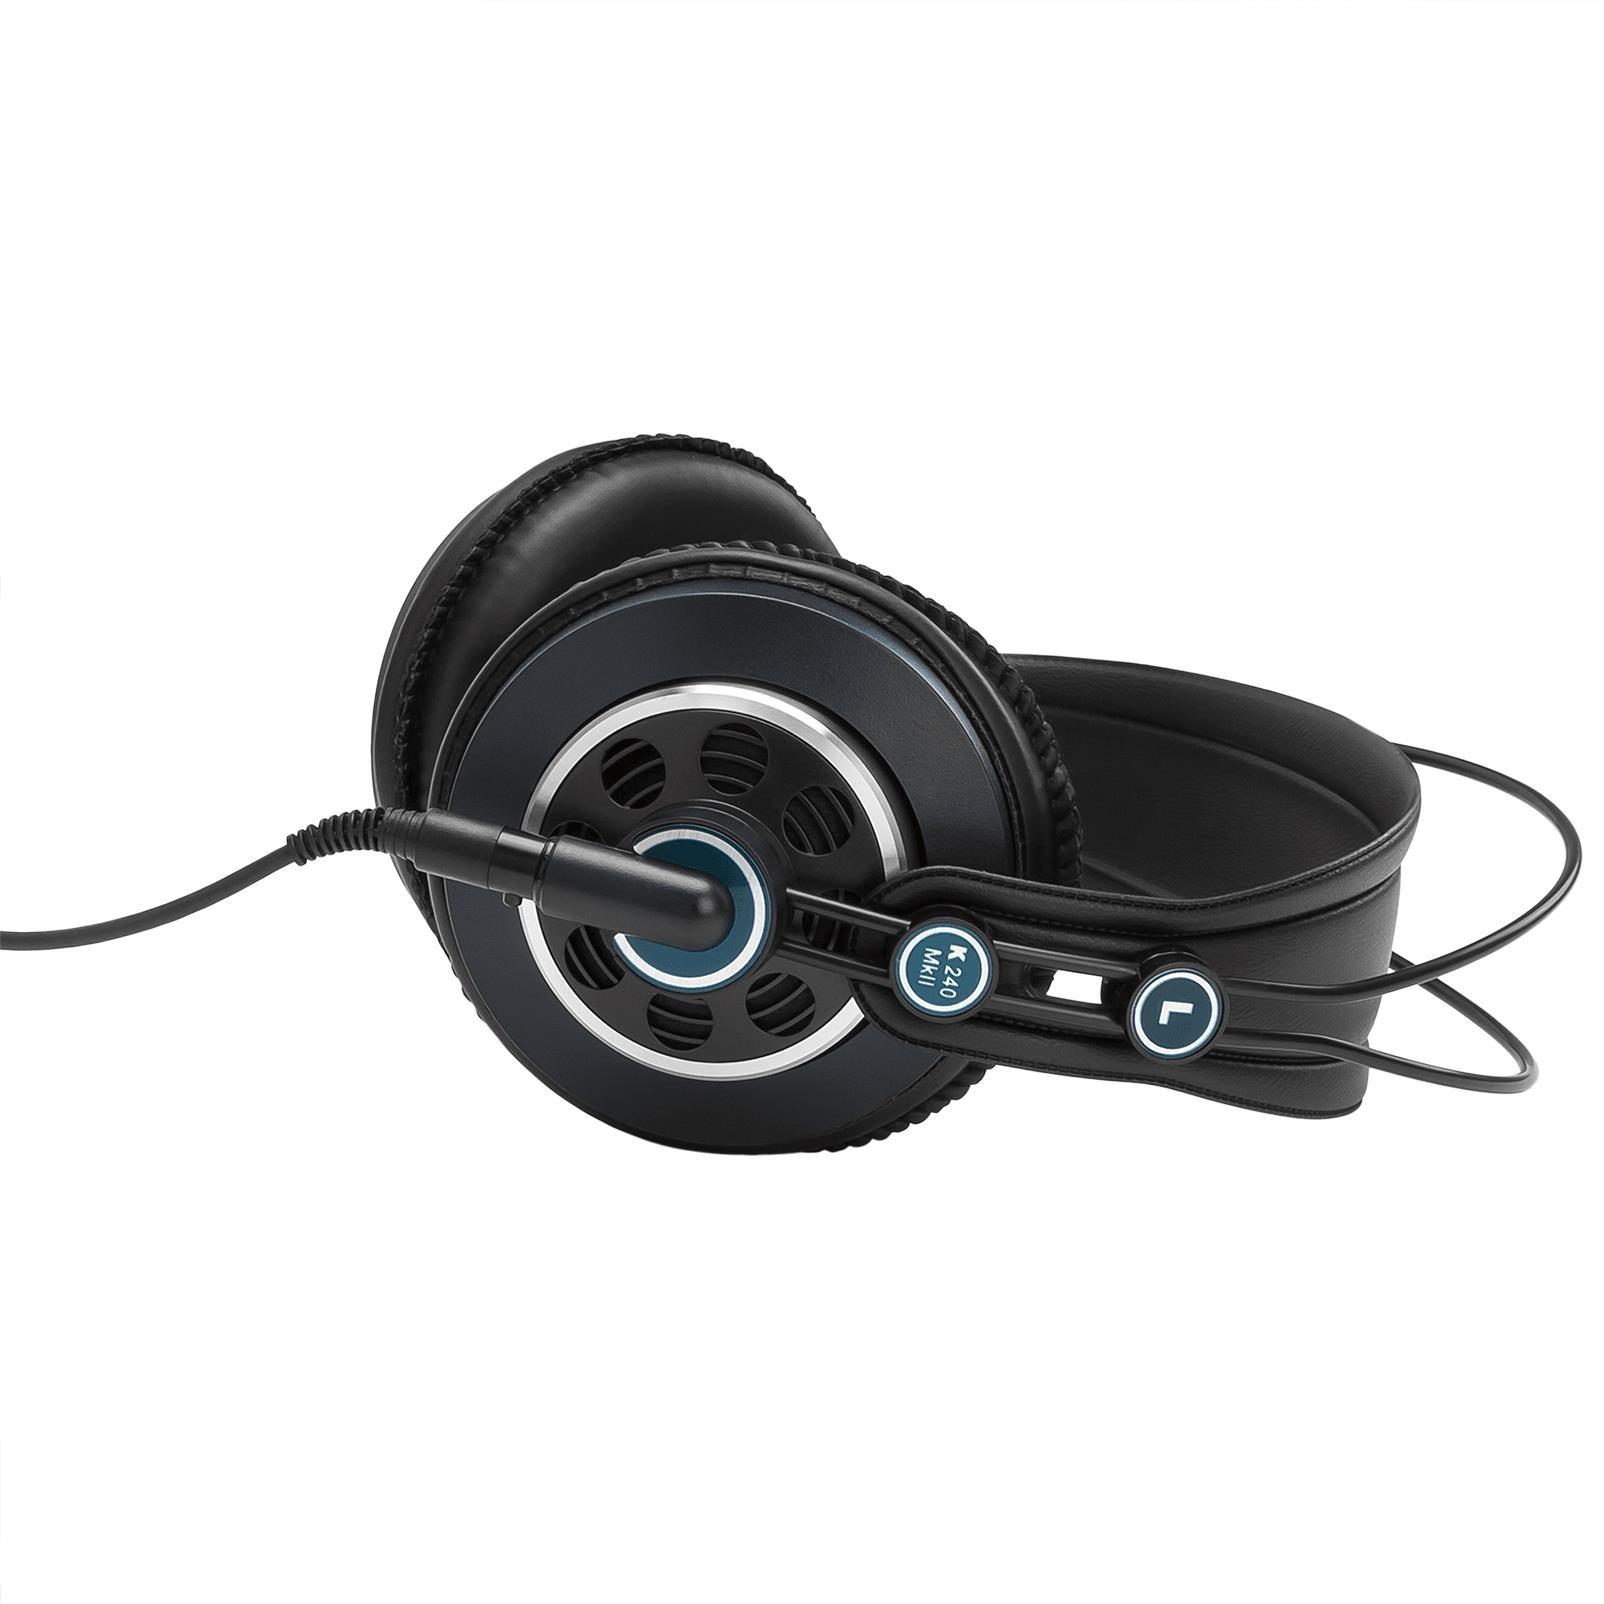 AKG Fone de Ouvido Profissional para Estúdio K240 MKII